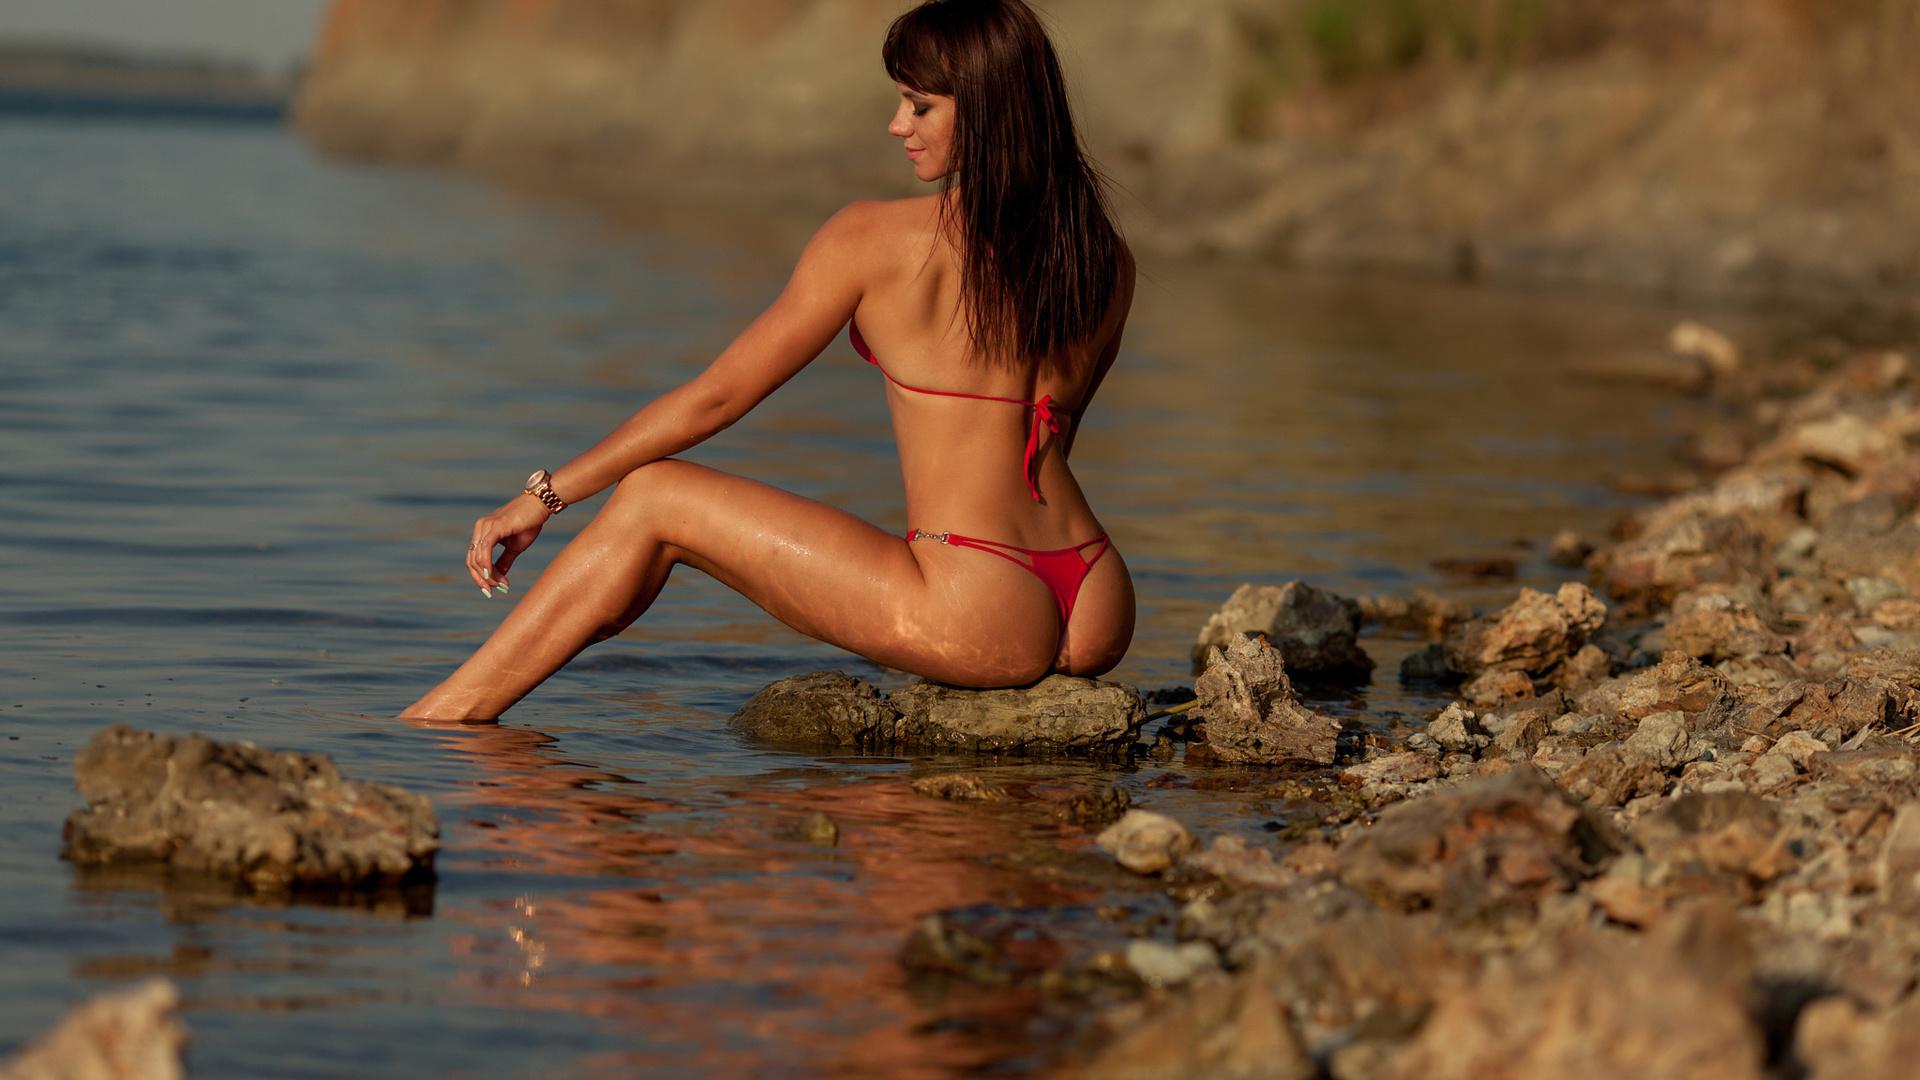 Фото бикини на речке, Девушки рыбачат в бикини (39 фото) » Триникси 11 фотография